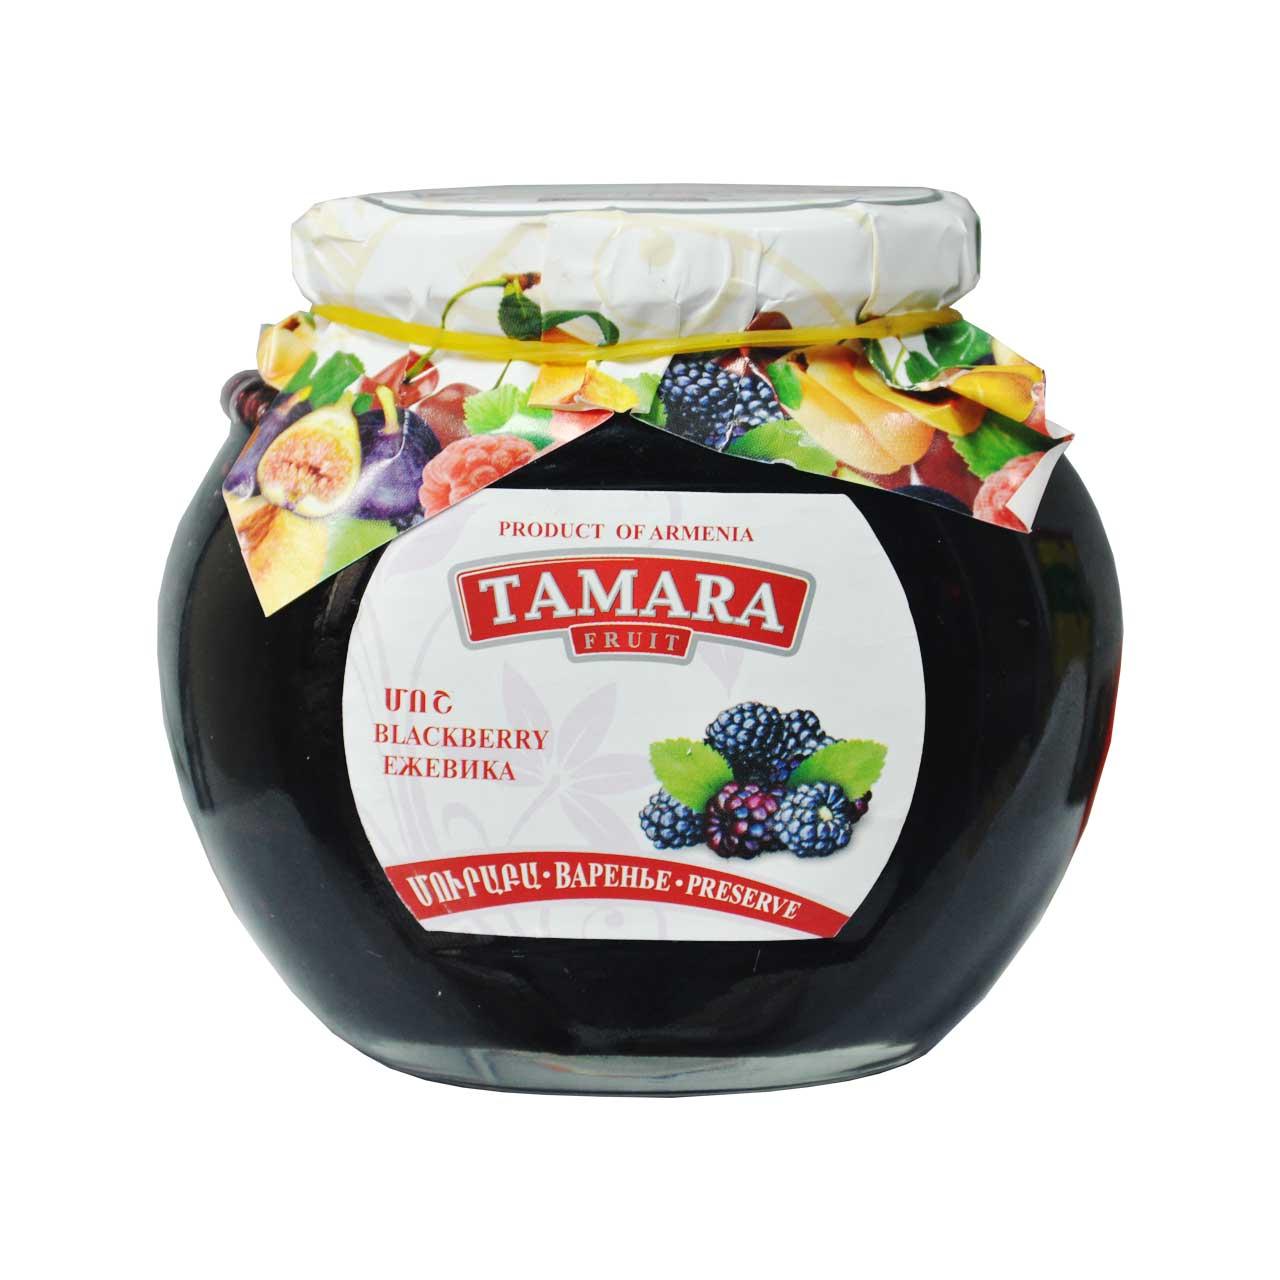 مربا تمشک تامارا – Tamara